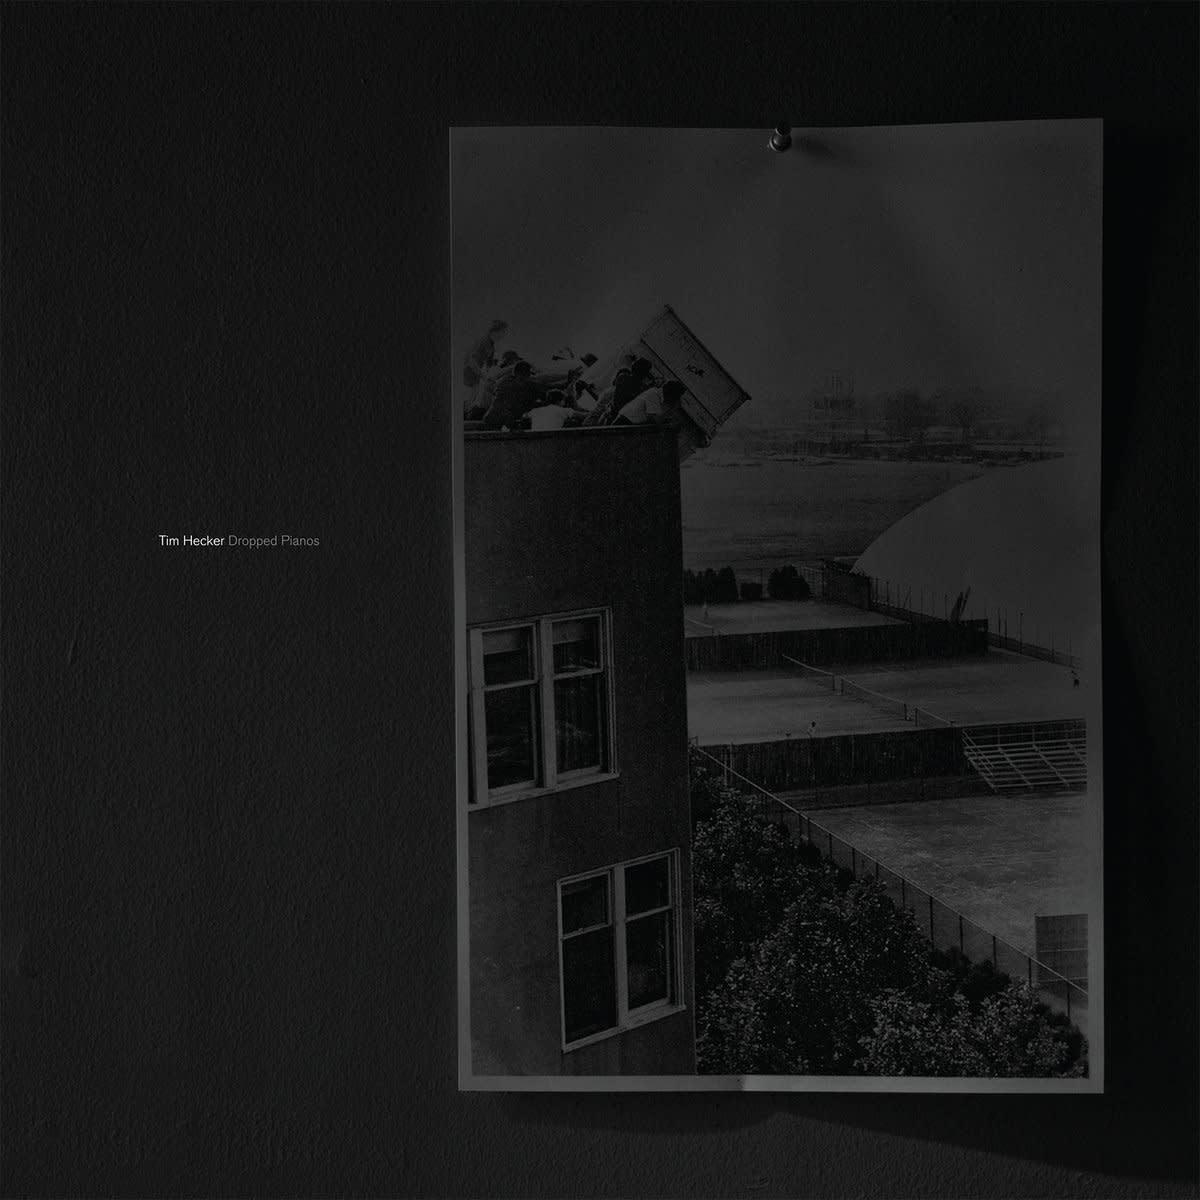 Tim Hecker • Dropped Pianos-1